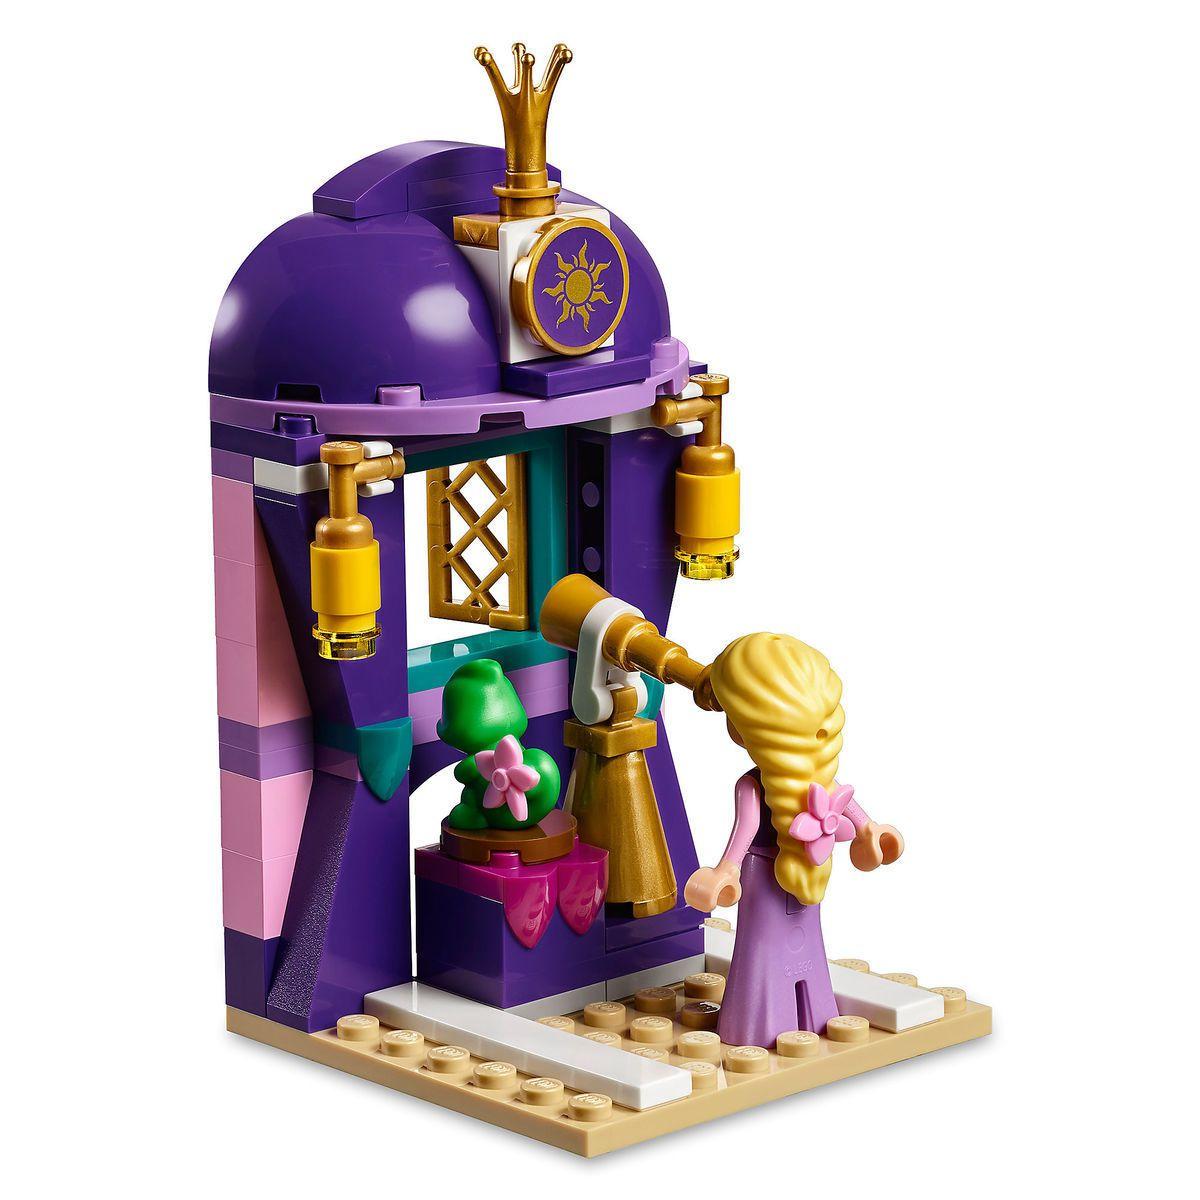 LEGO PRINCESA DISNEY 41156 QUARTO DO CASTELO DA RAPUNZEL